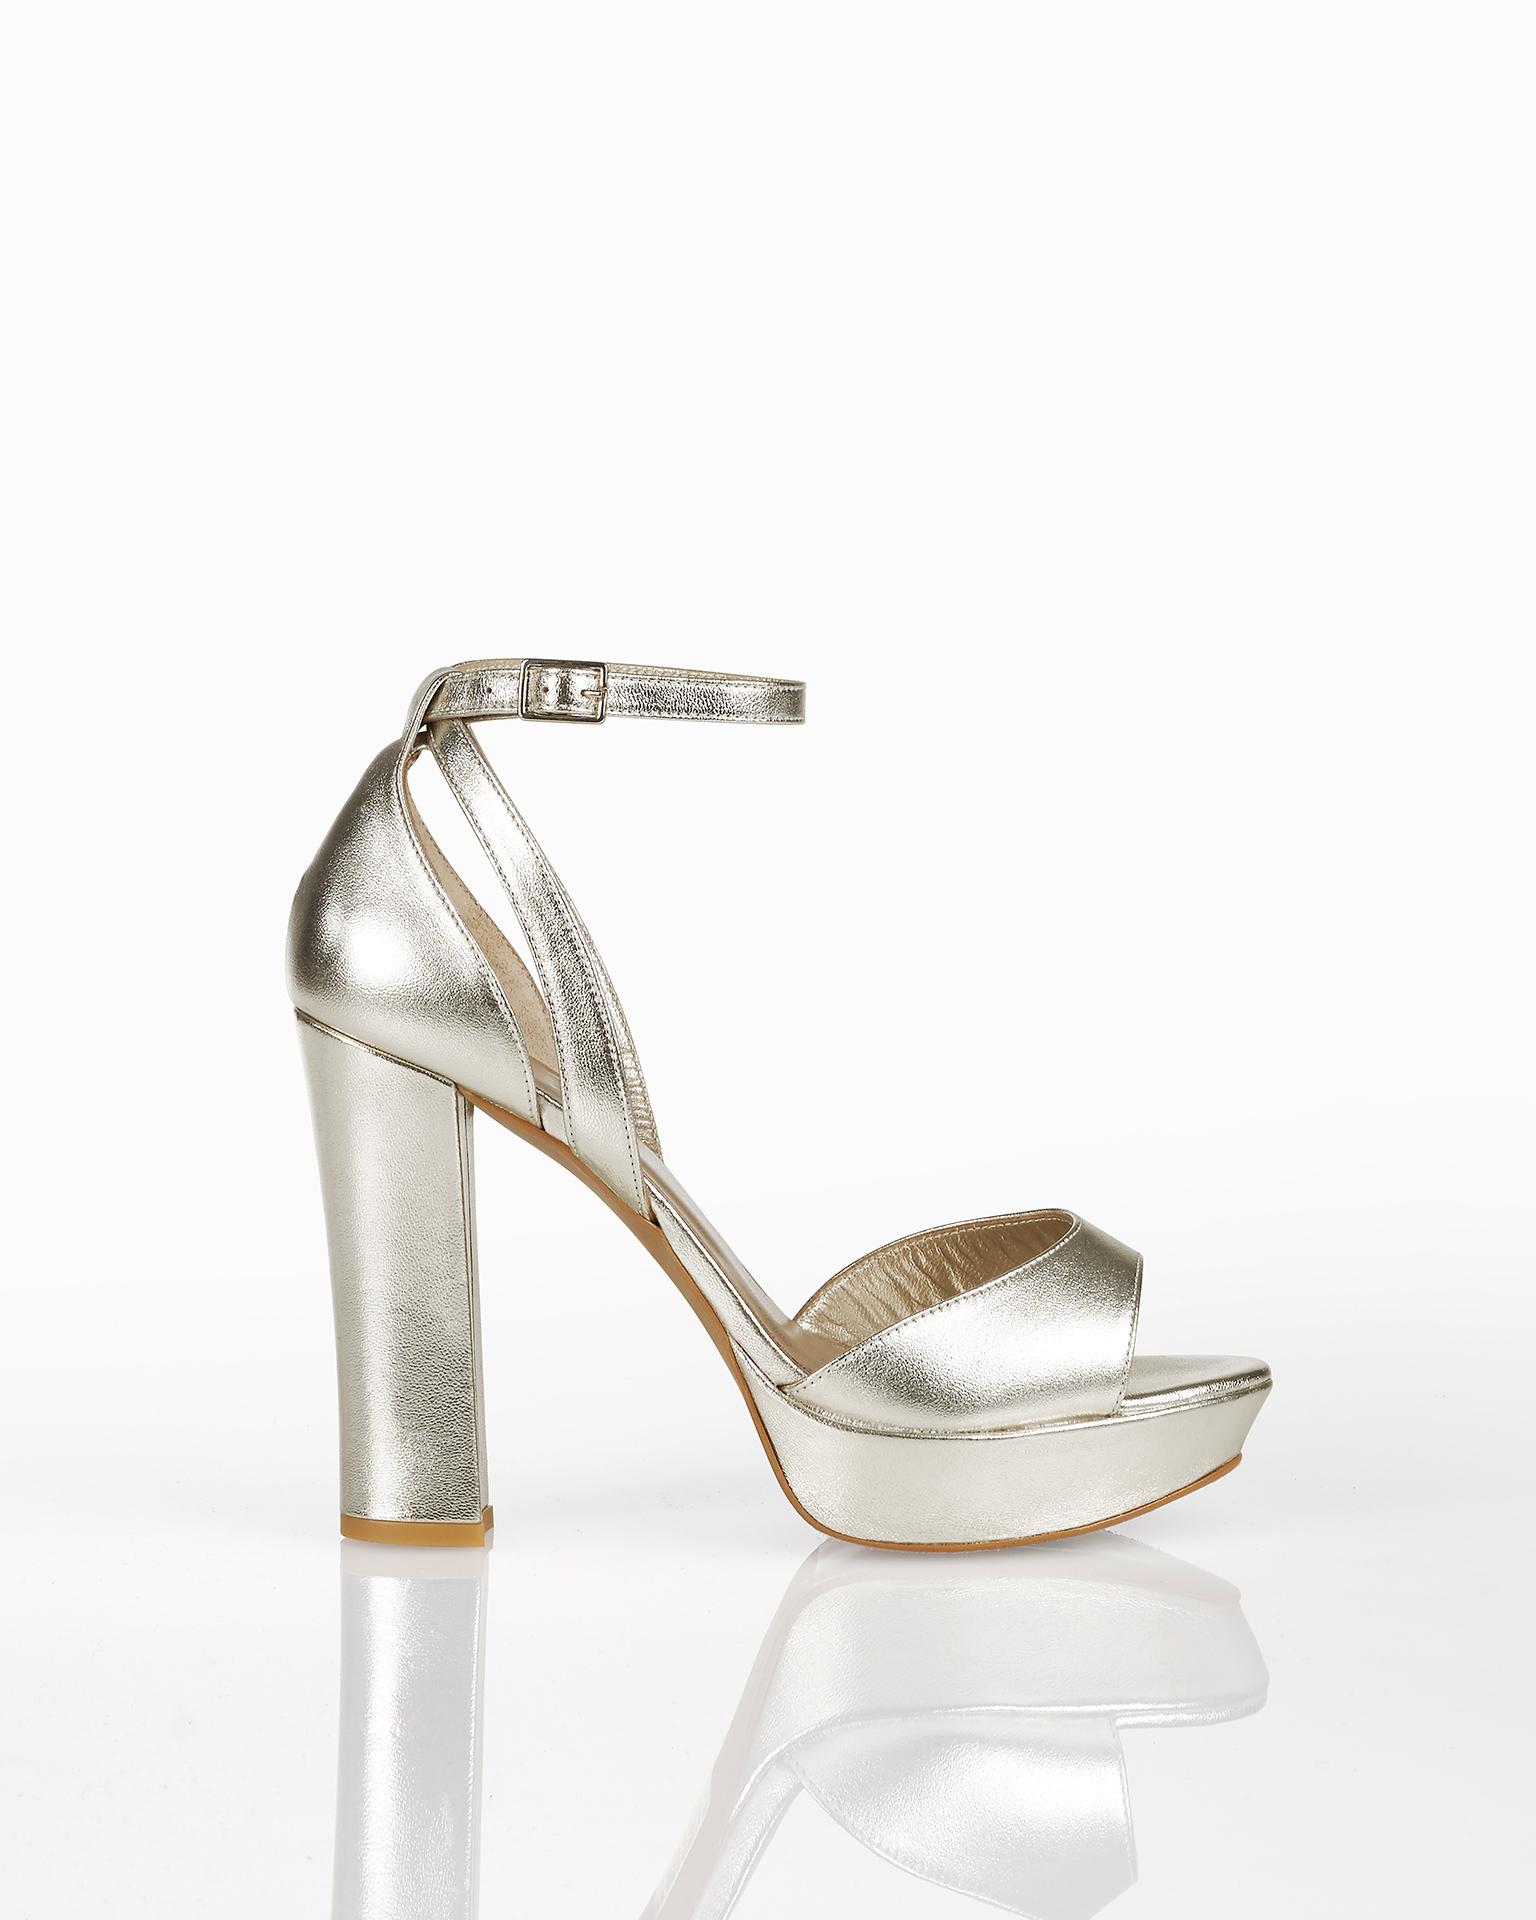 Sandali da sposa in cuoio, con piattaforma, tacco alto e calcagno coperto, disponibili in colore naturale, carne, oro e argento. Collezione AIRE BARCELONA 2018.